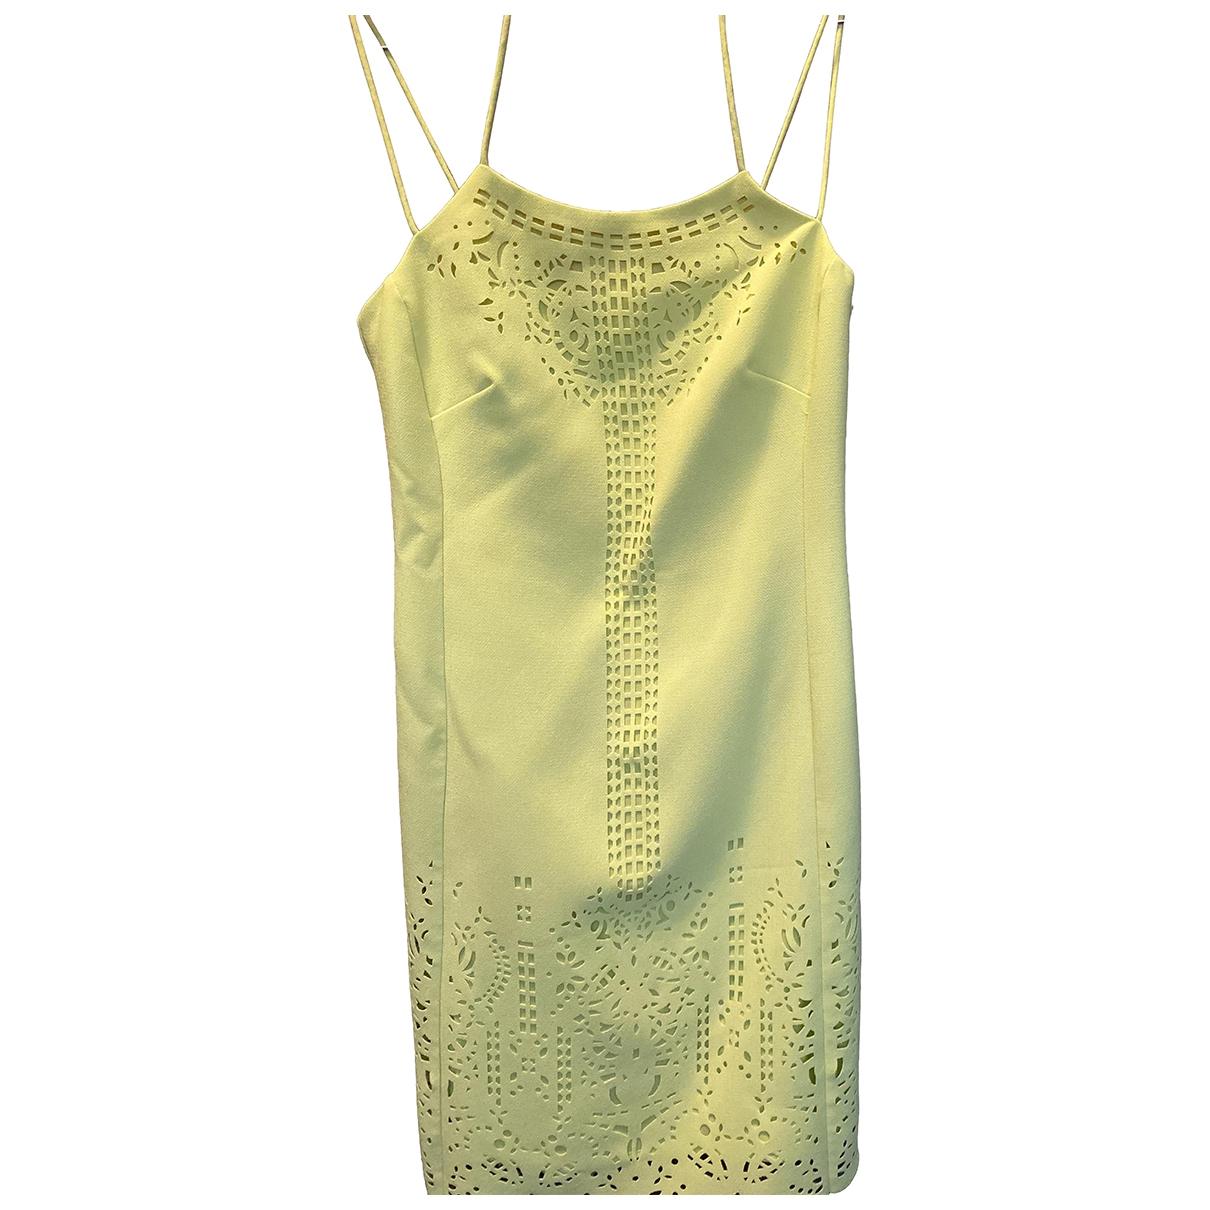 Karen Millen \N Yellow dress for Women 38 FR